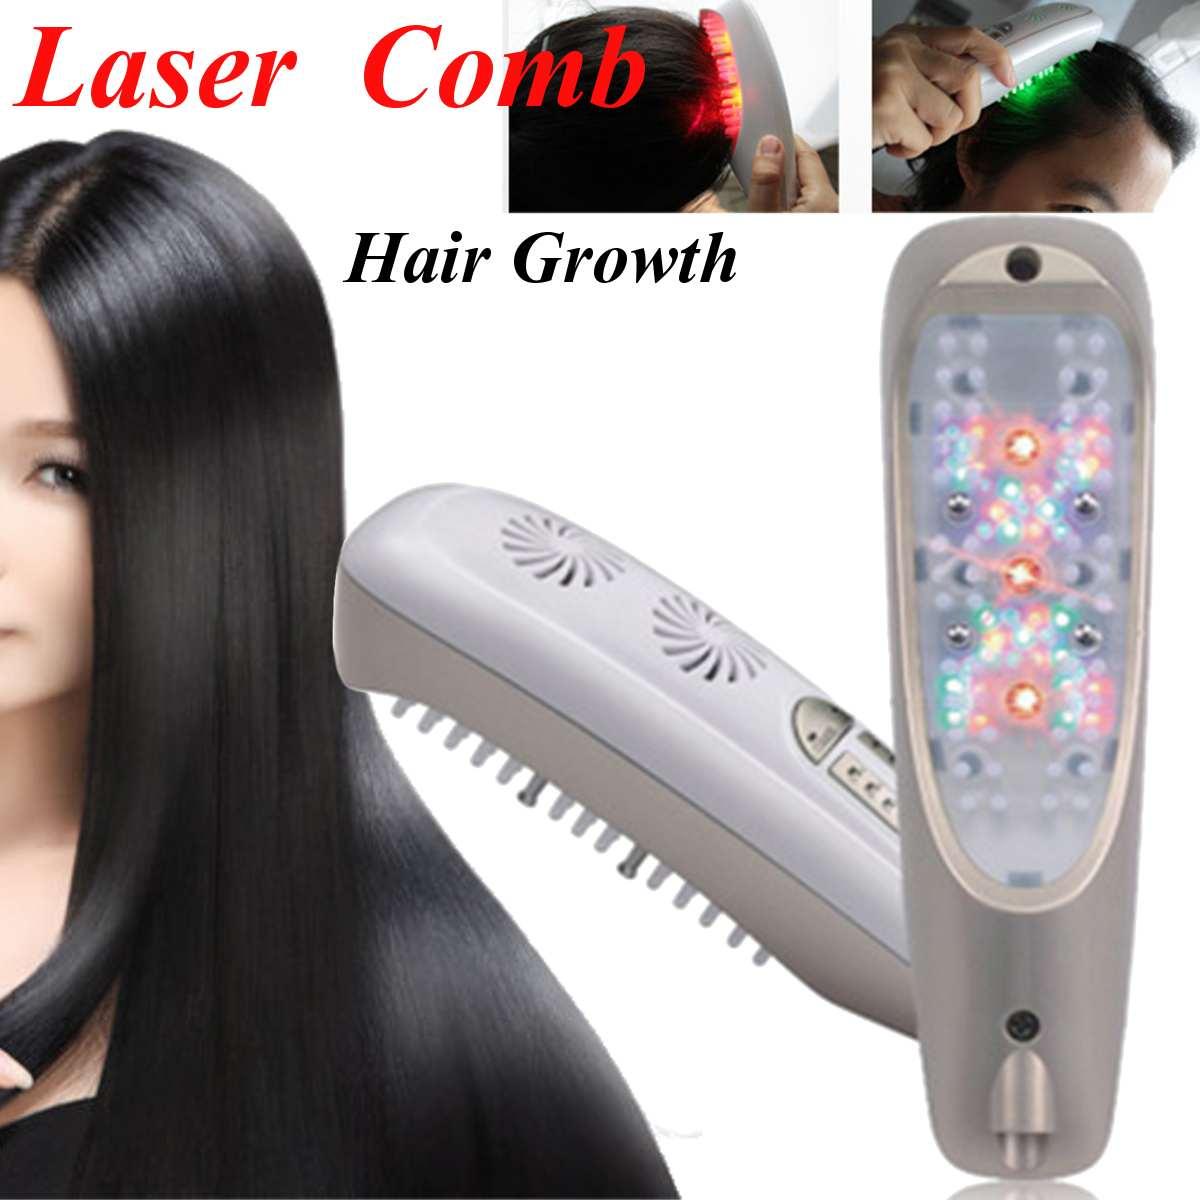 Haar Nachwachsen Laser Kamm Micro Strom für Haarausfall Alopezie Kopfhaut Massage Entfernen Schuppen Dünner Werdendes Haar Gesundheit Reparatur Wachstum